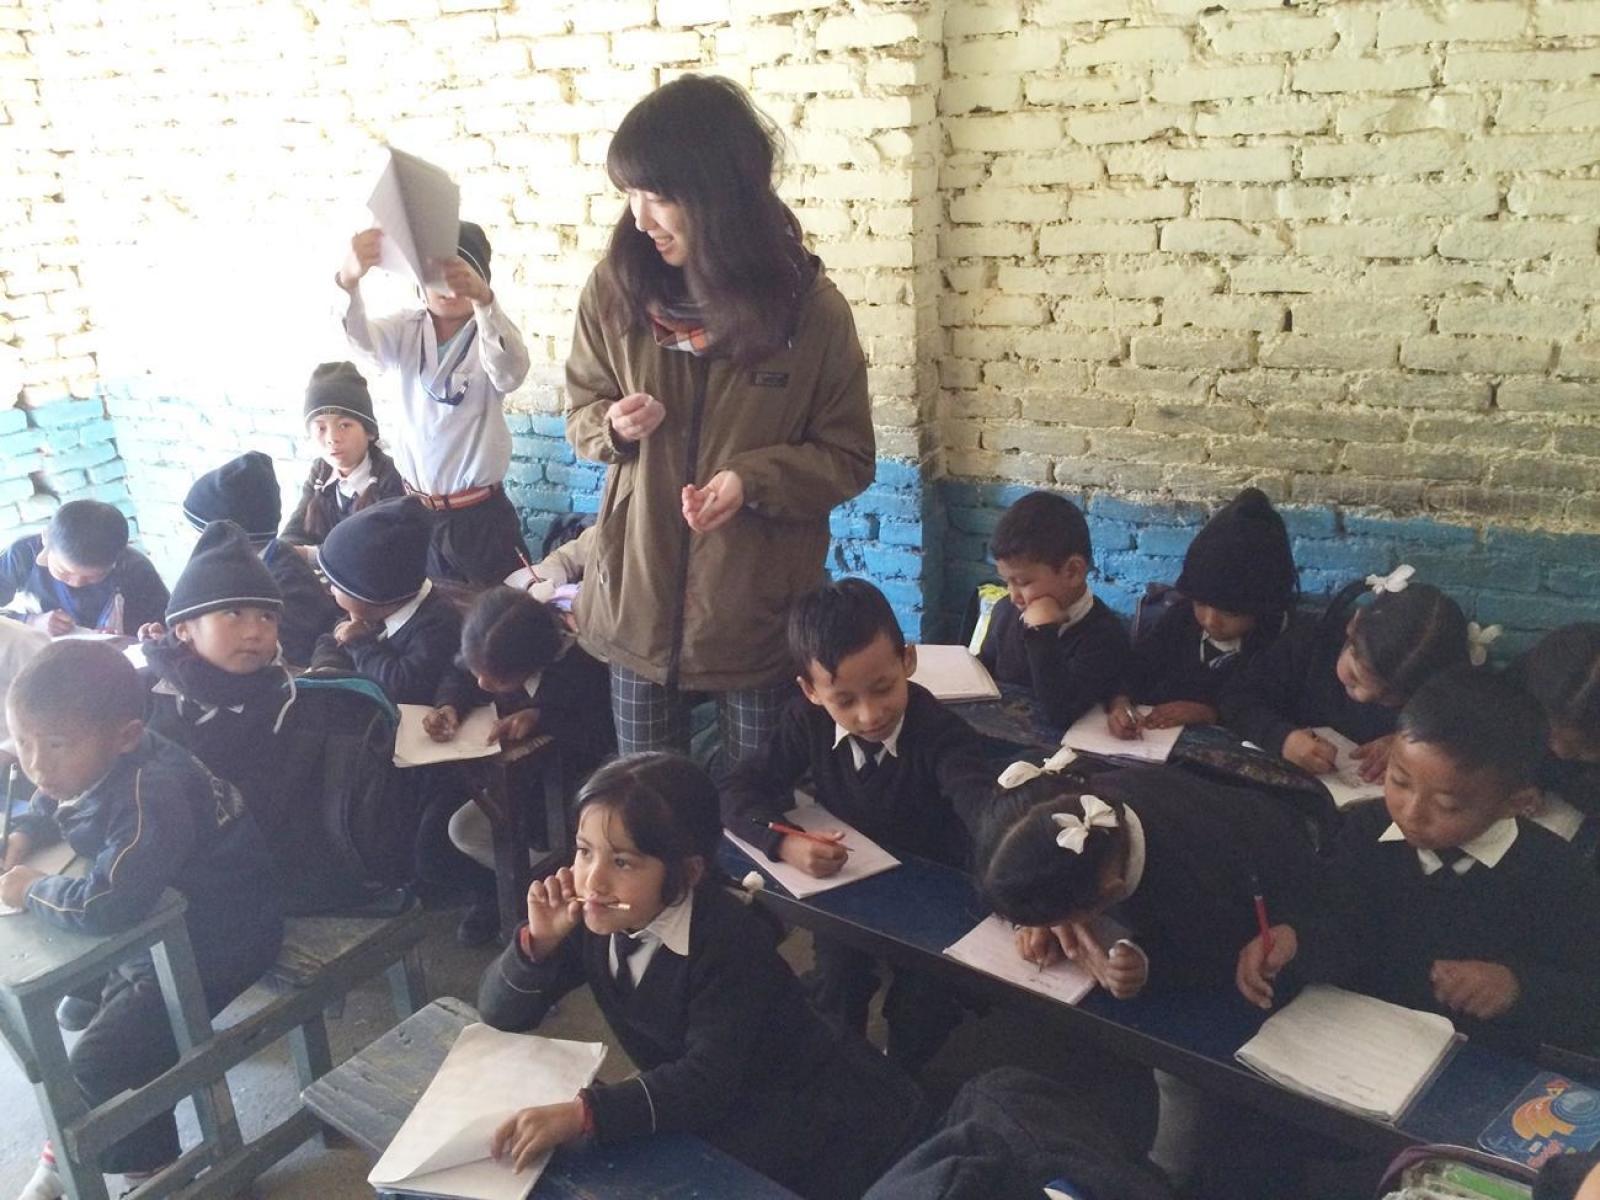 ネパールで教育活動に取り組む日本人ボランティア